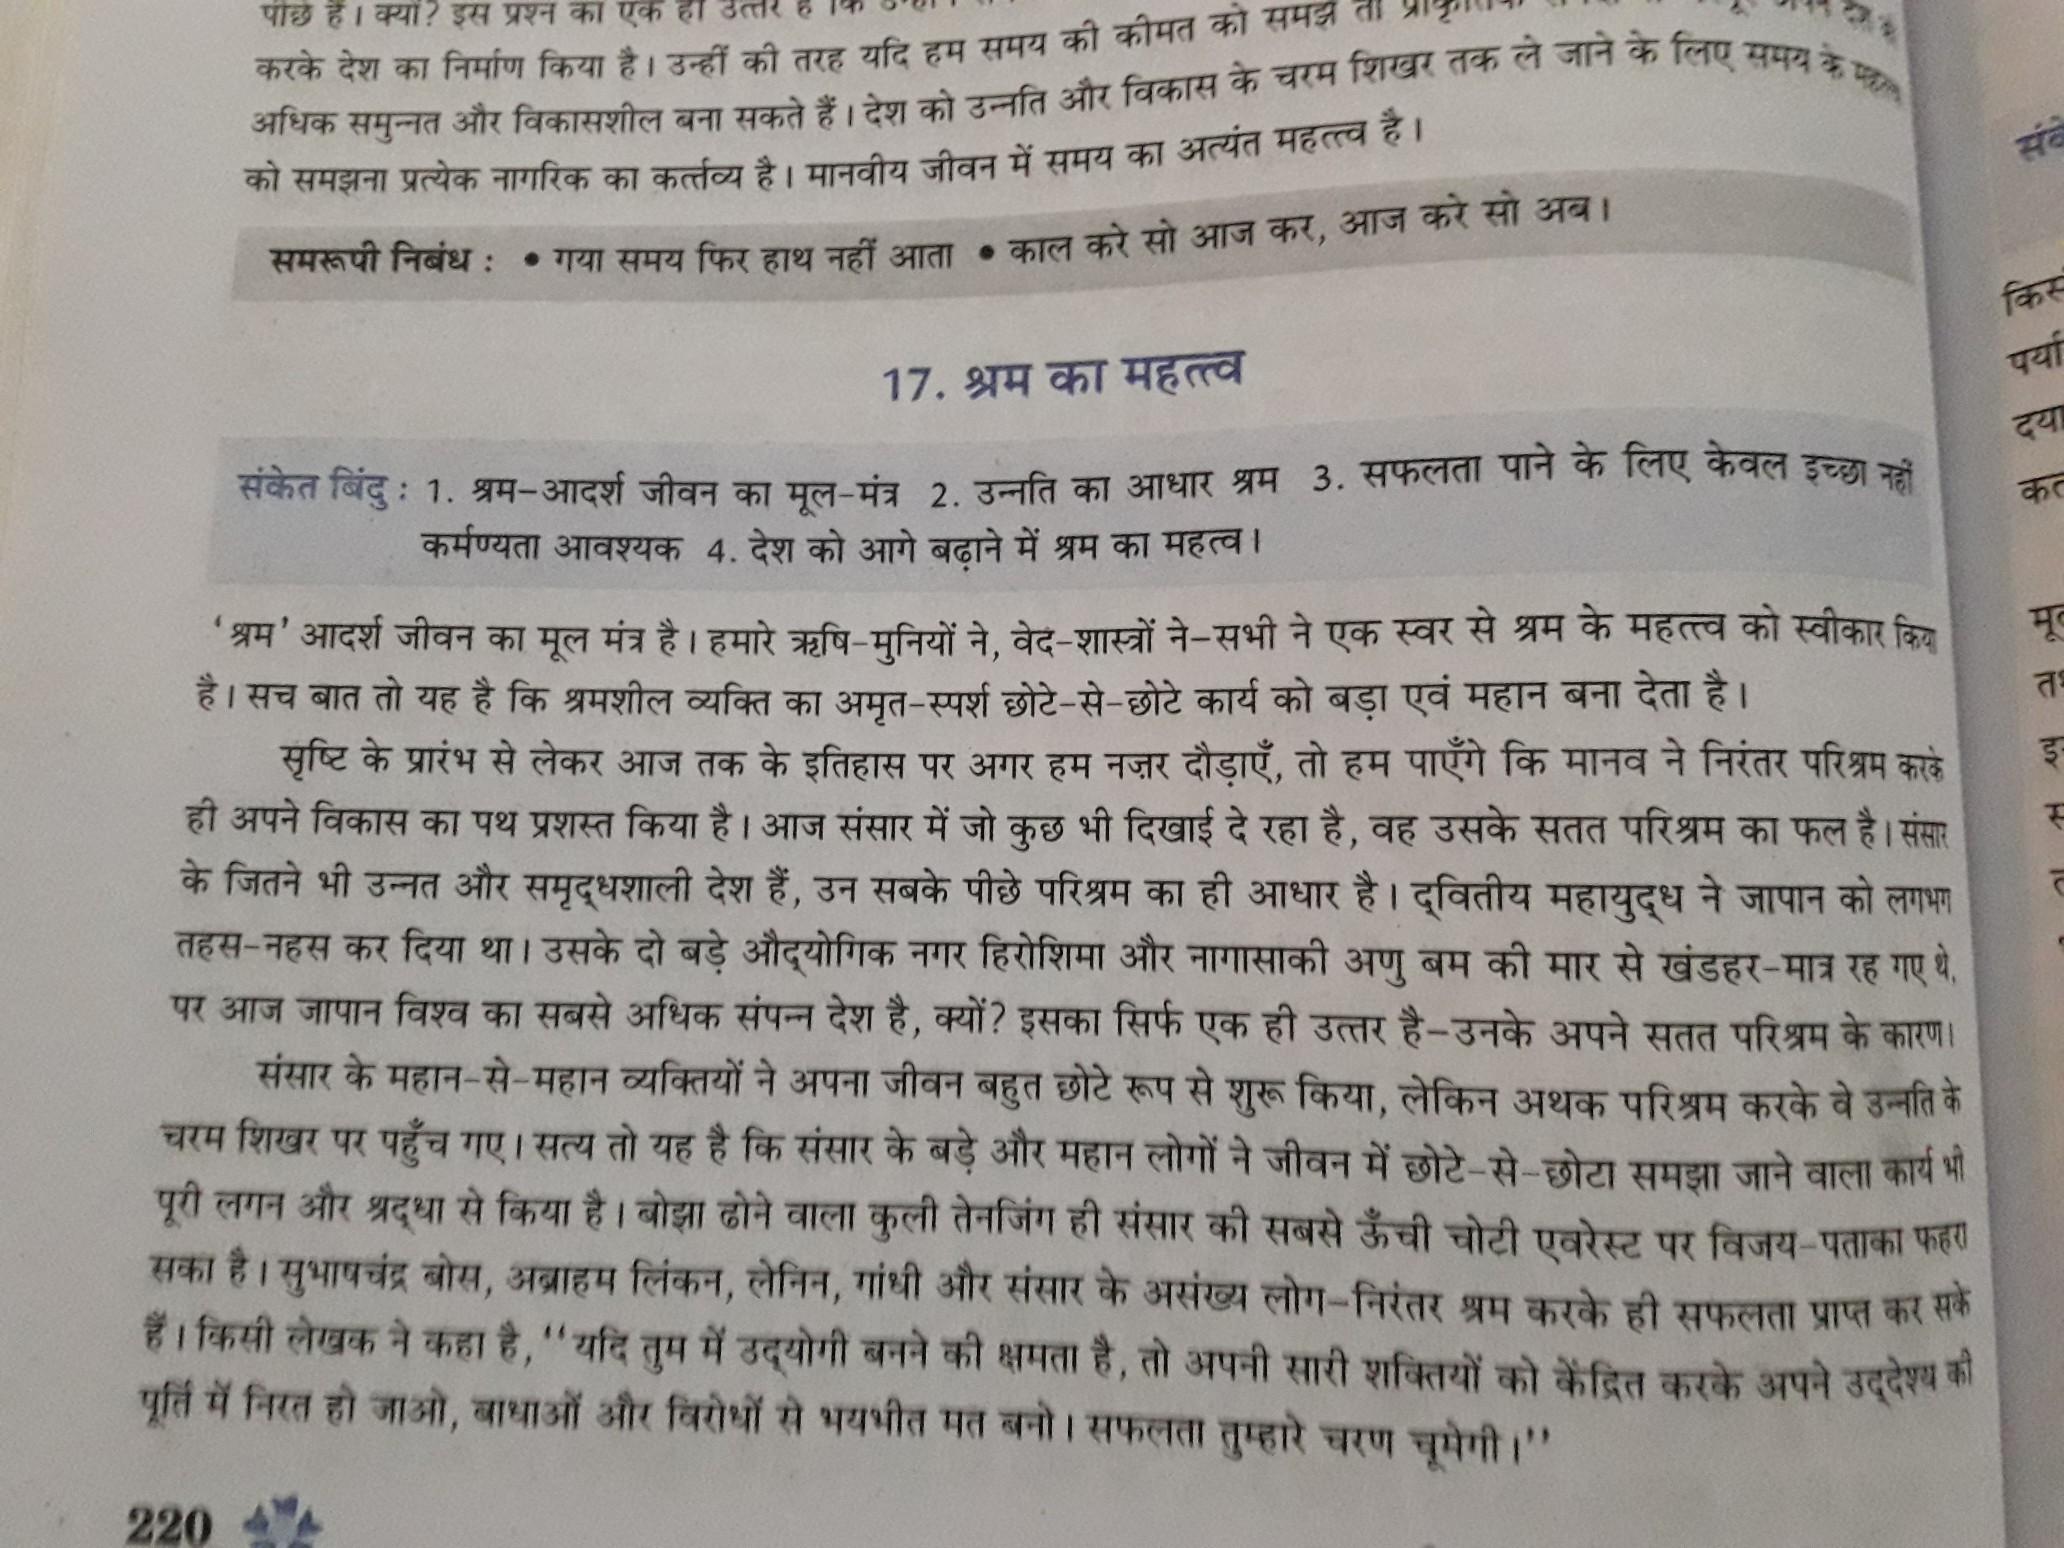 parishram ka mahatva essay